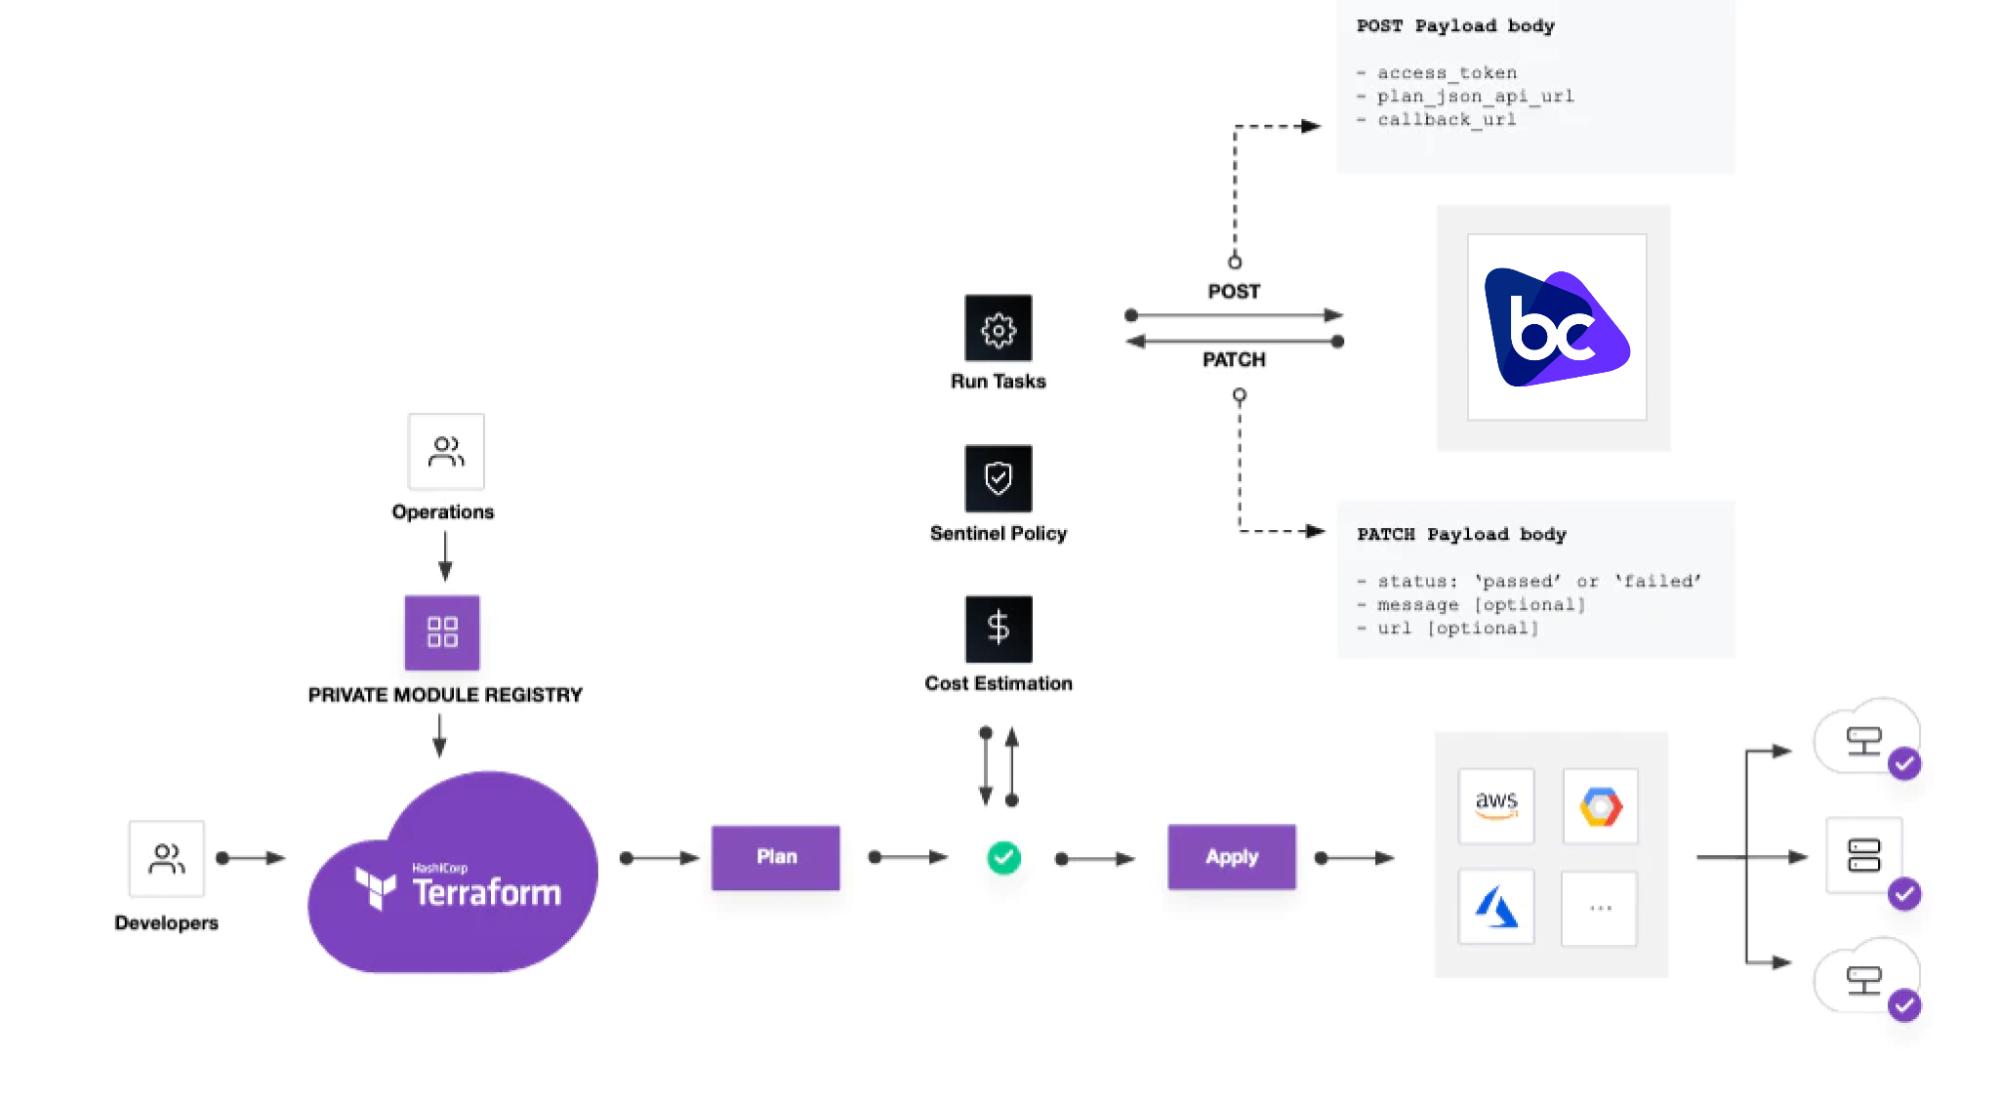 flow chart of run tasks